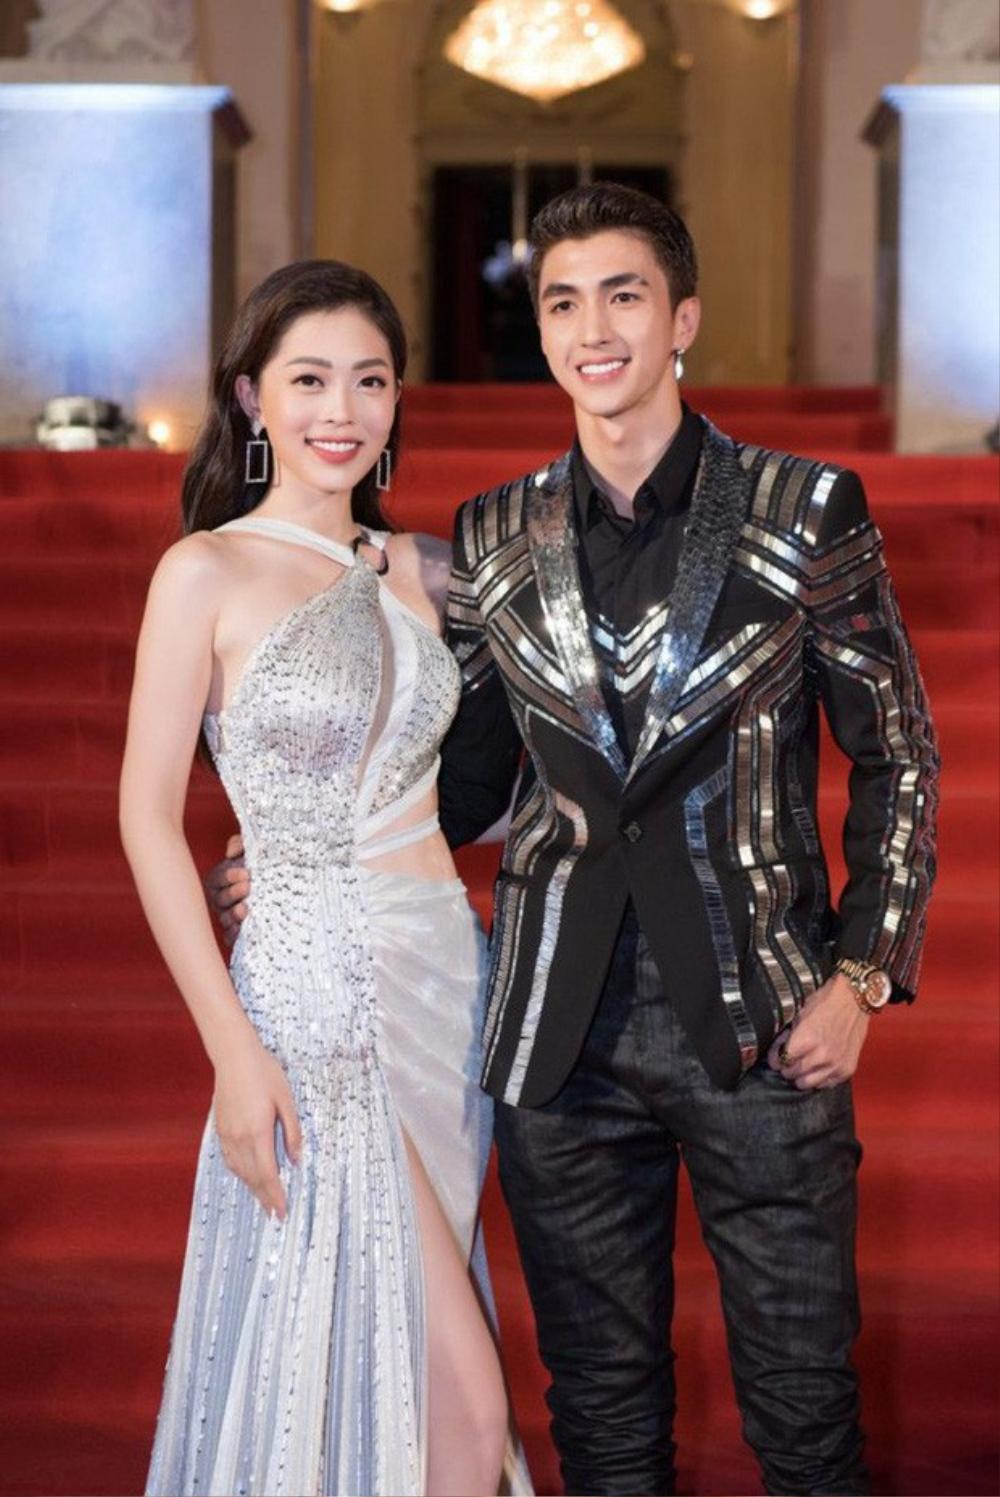 Phương Nga diện váy cưới xinh hết nấc, fan thi nhau chúc mừng chờ đón đám cưới cùng Bình An Ảnh 2